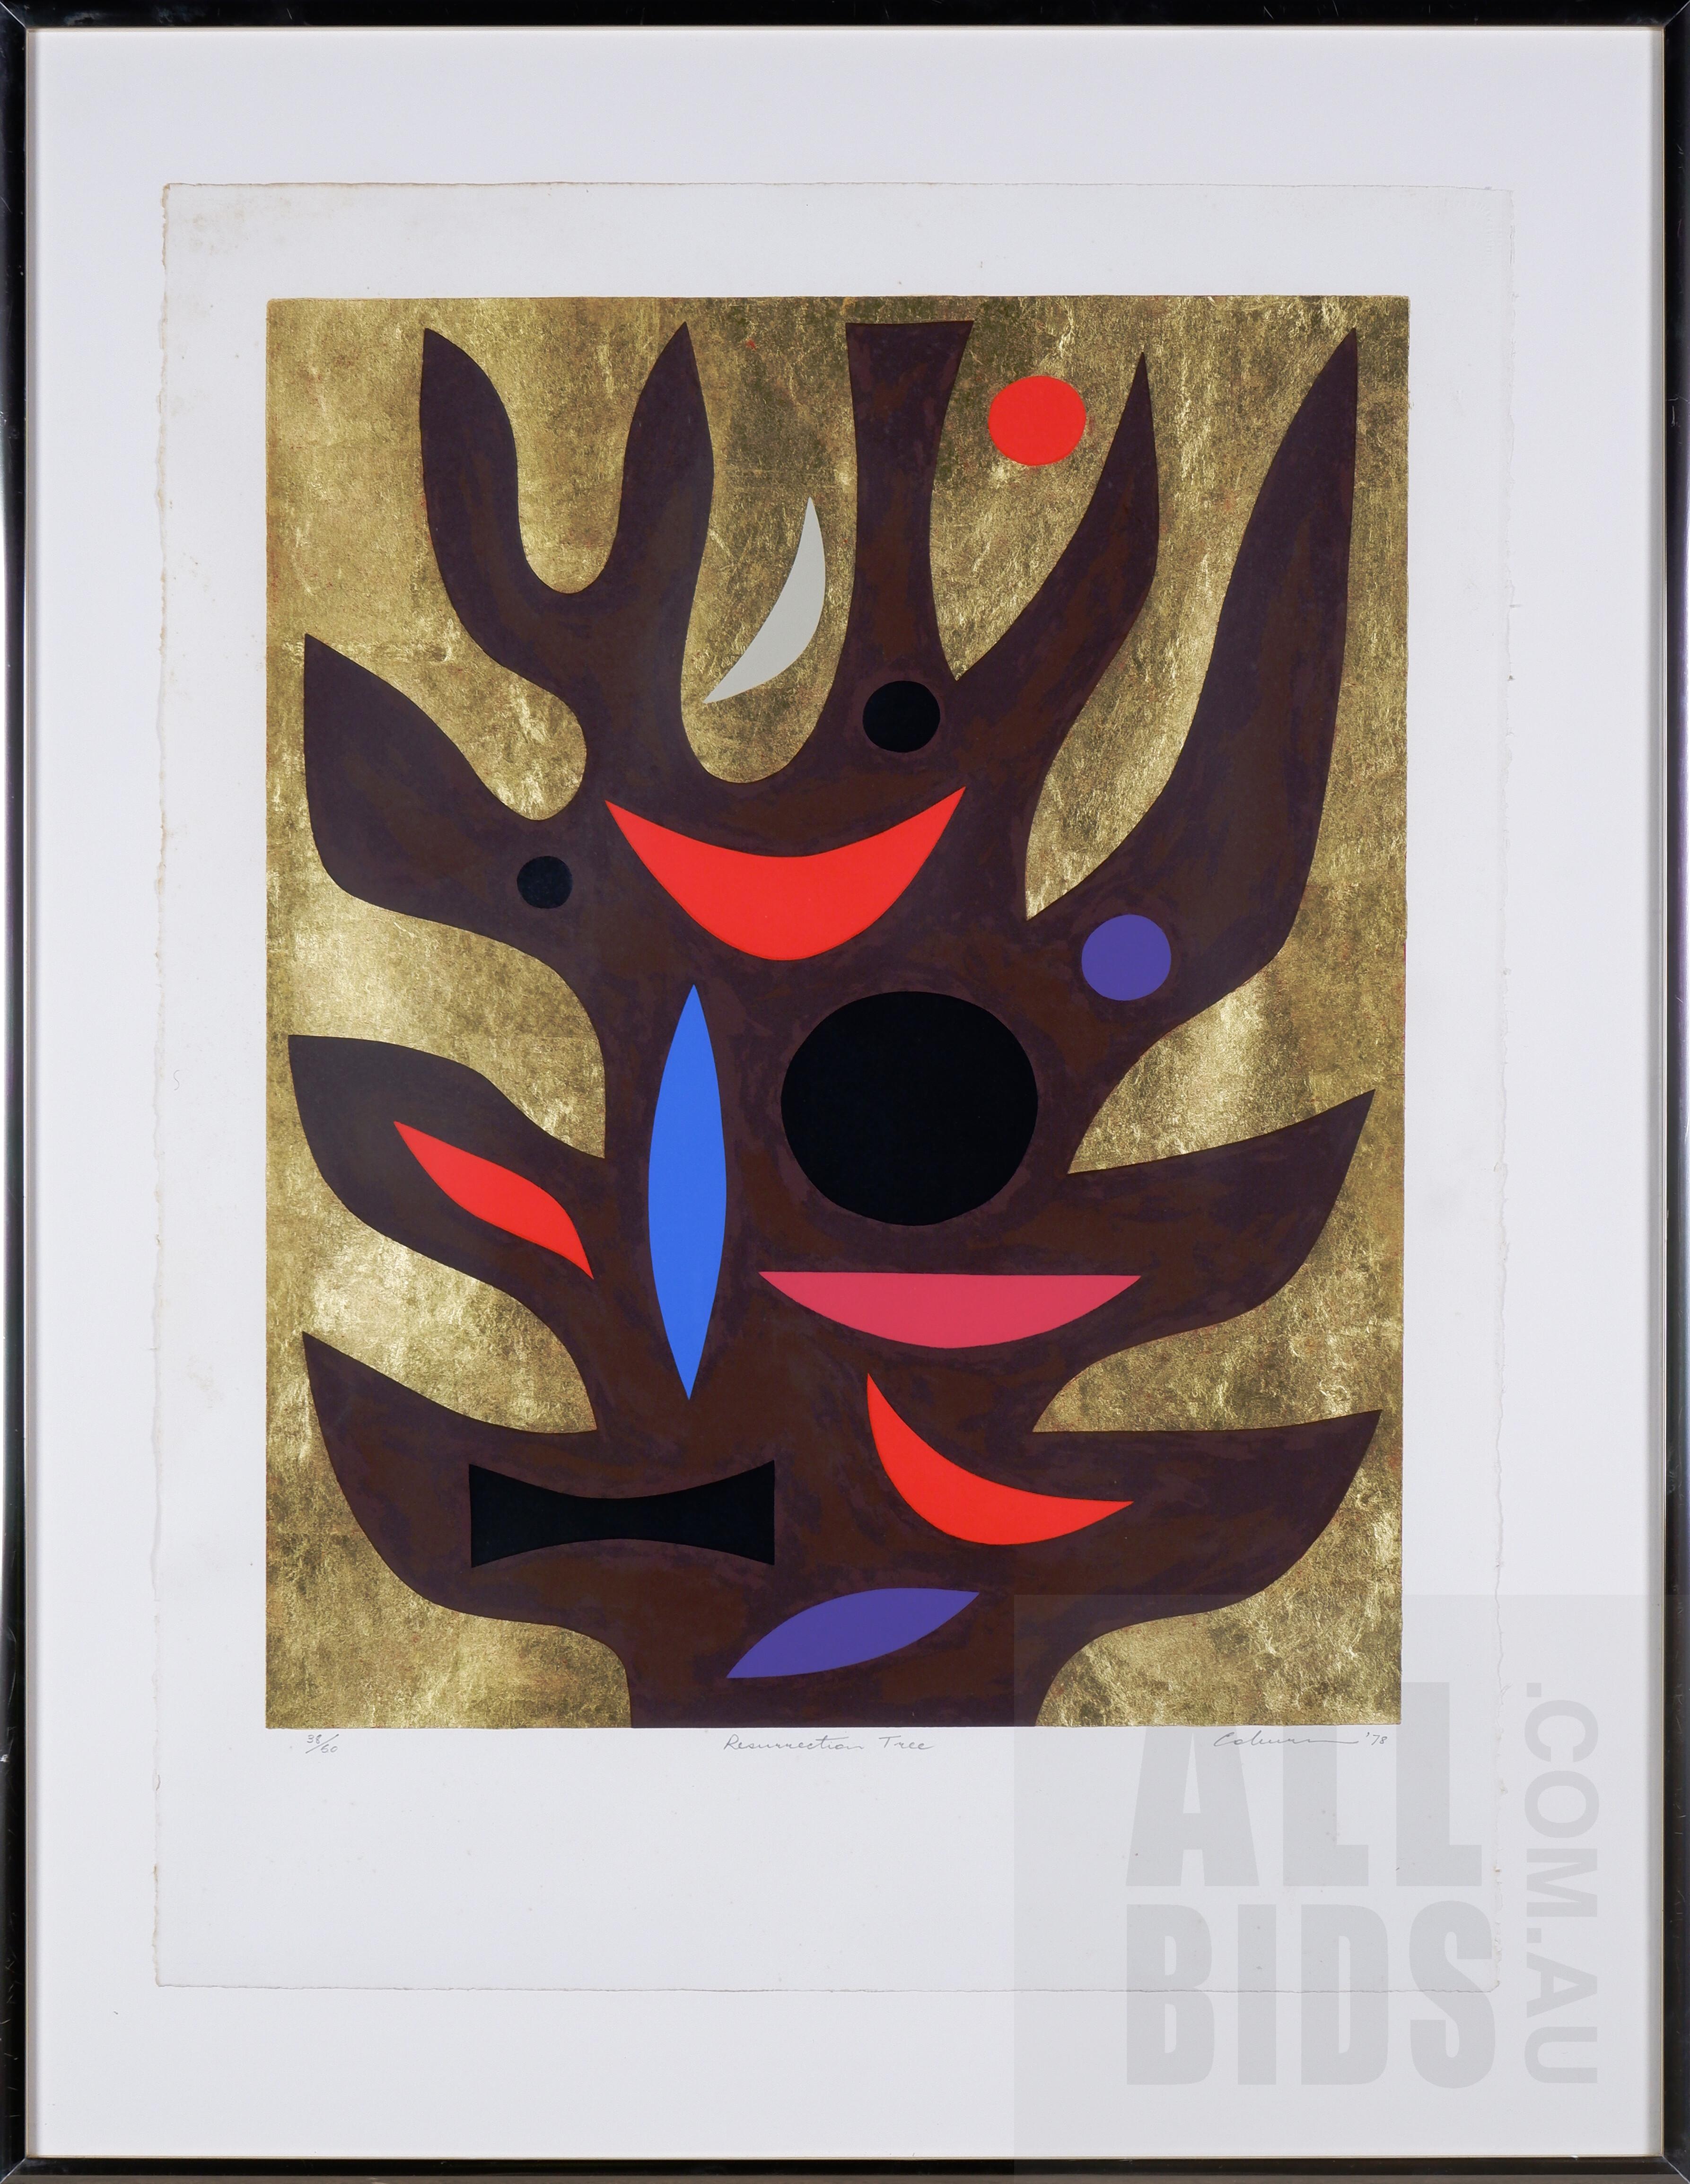 'John Coburn (1931-1986), Resurrection Tree 1978, Screenprint, 60 x 48 cm (image size)'